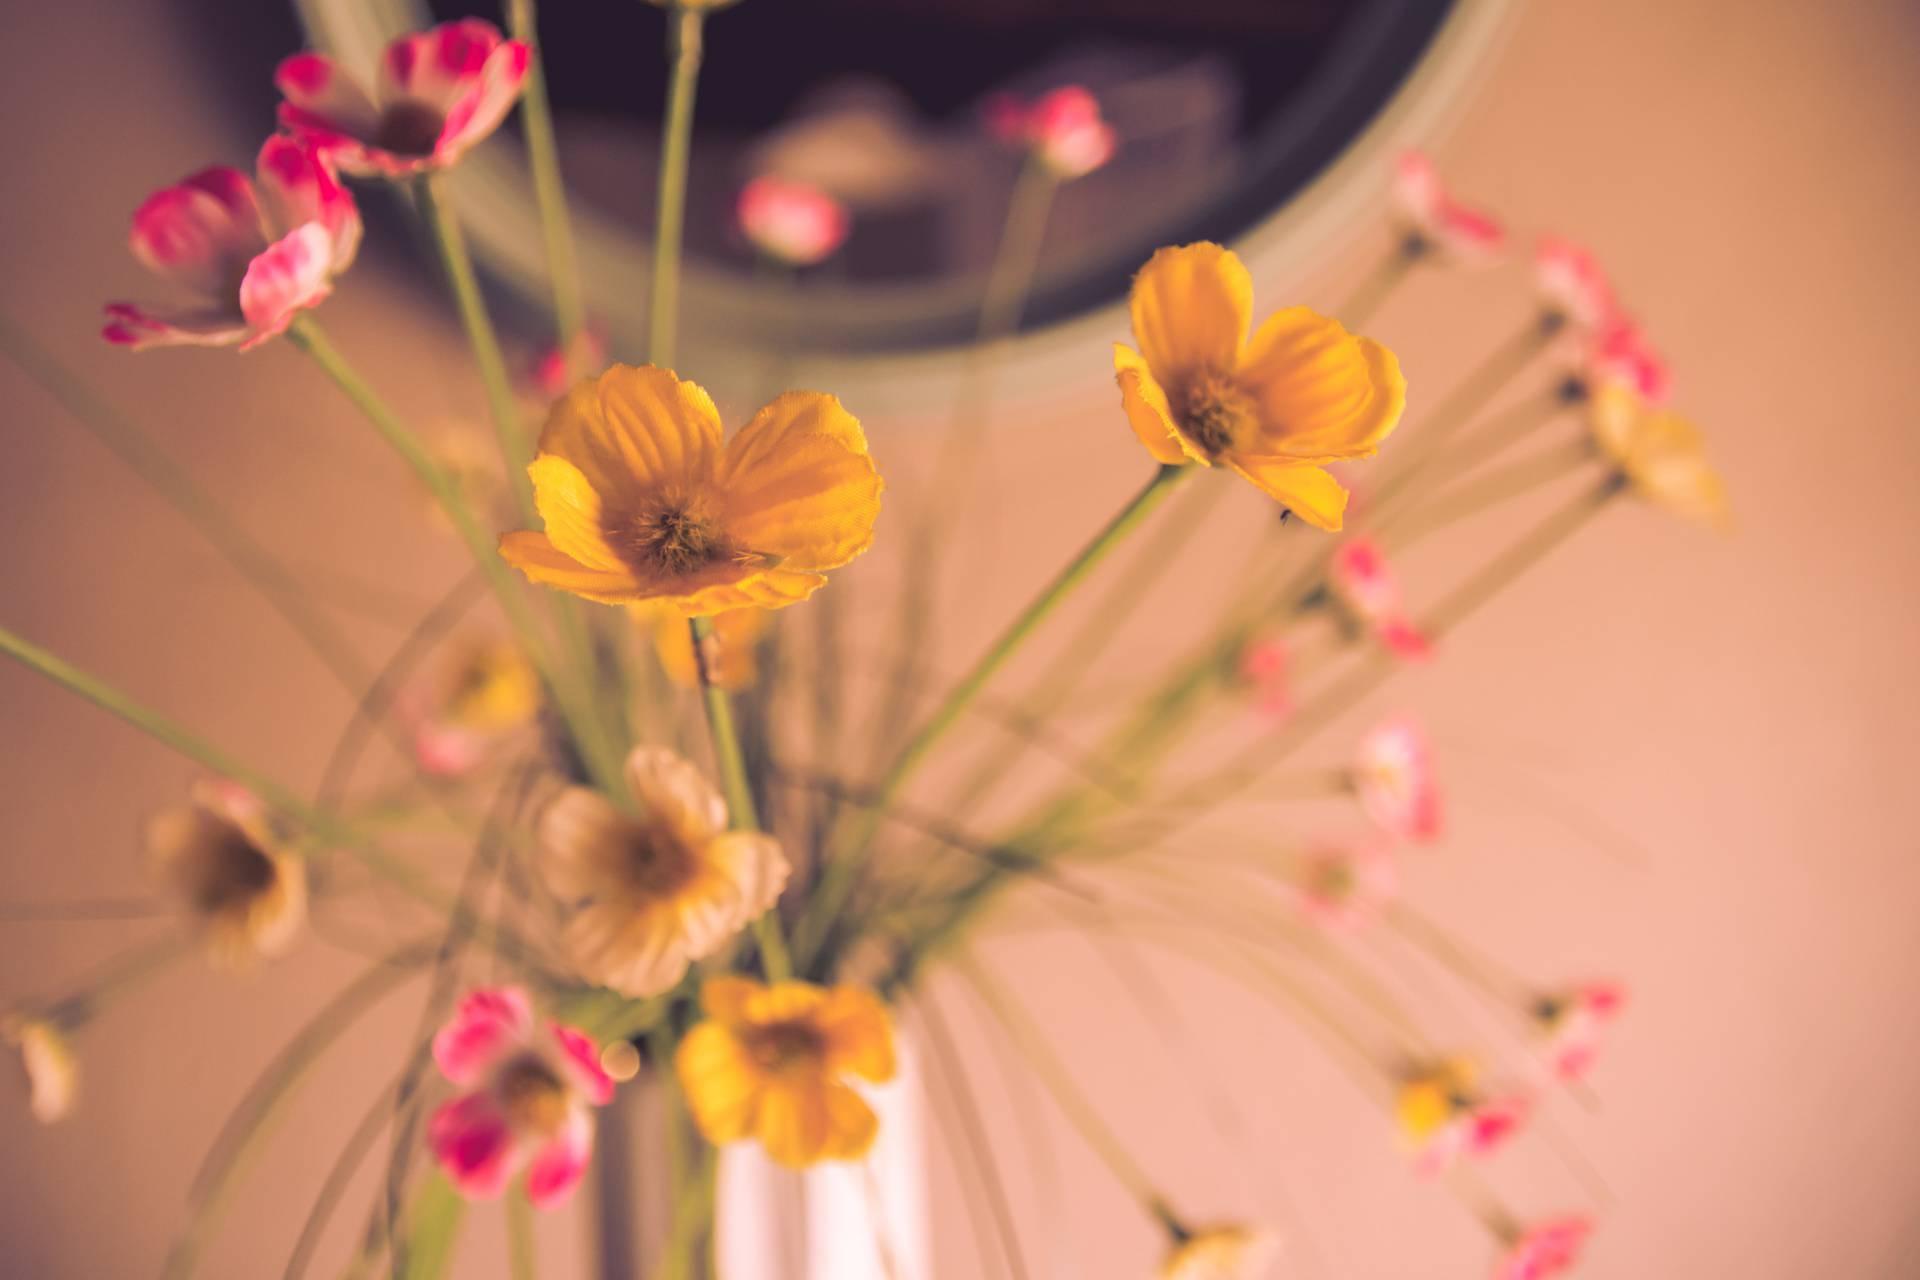 Trik kako da umjetne biljke ne budu prašnjave i svježe mirišu